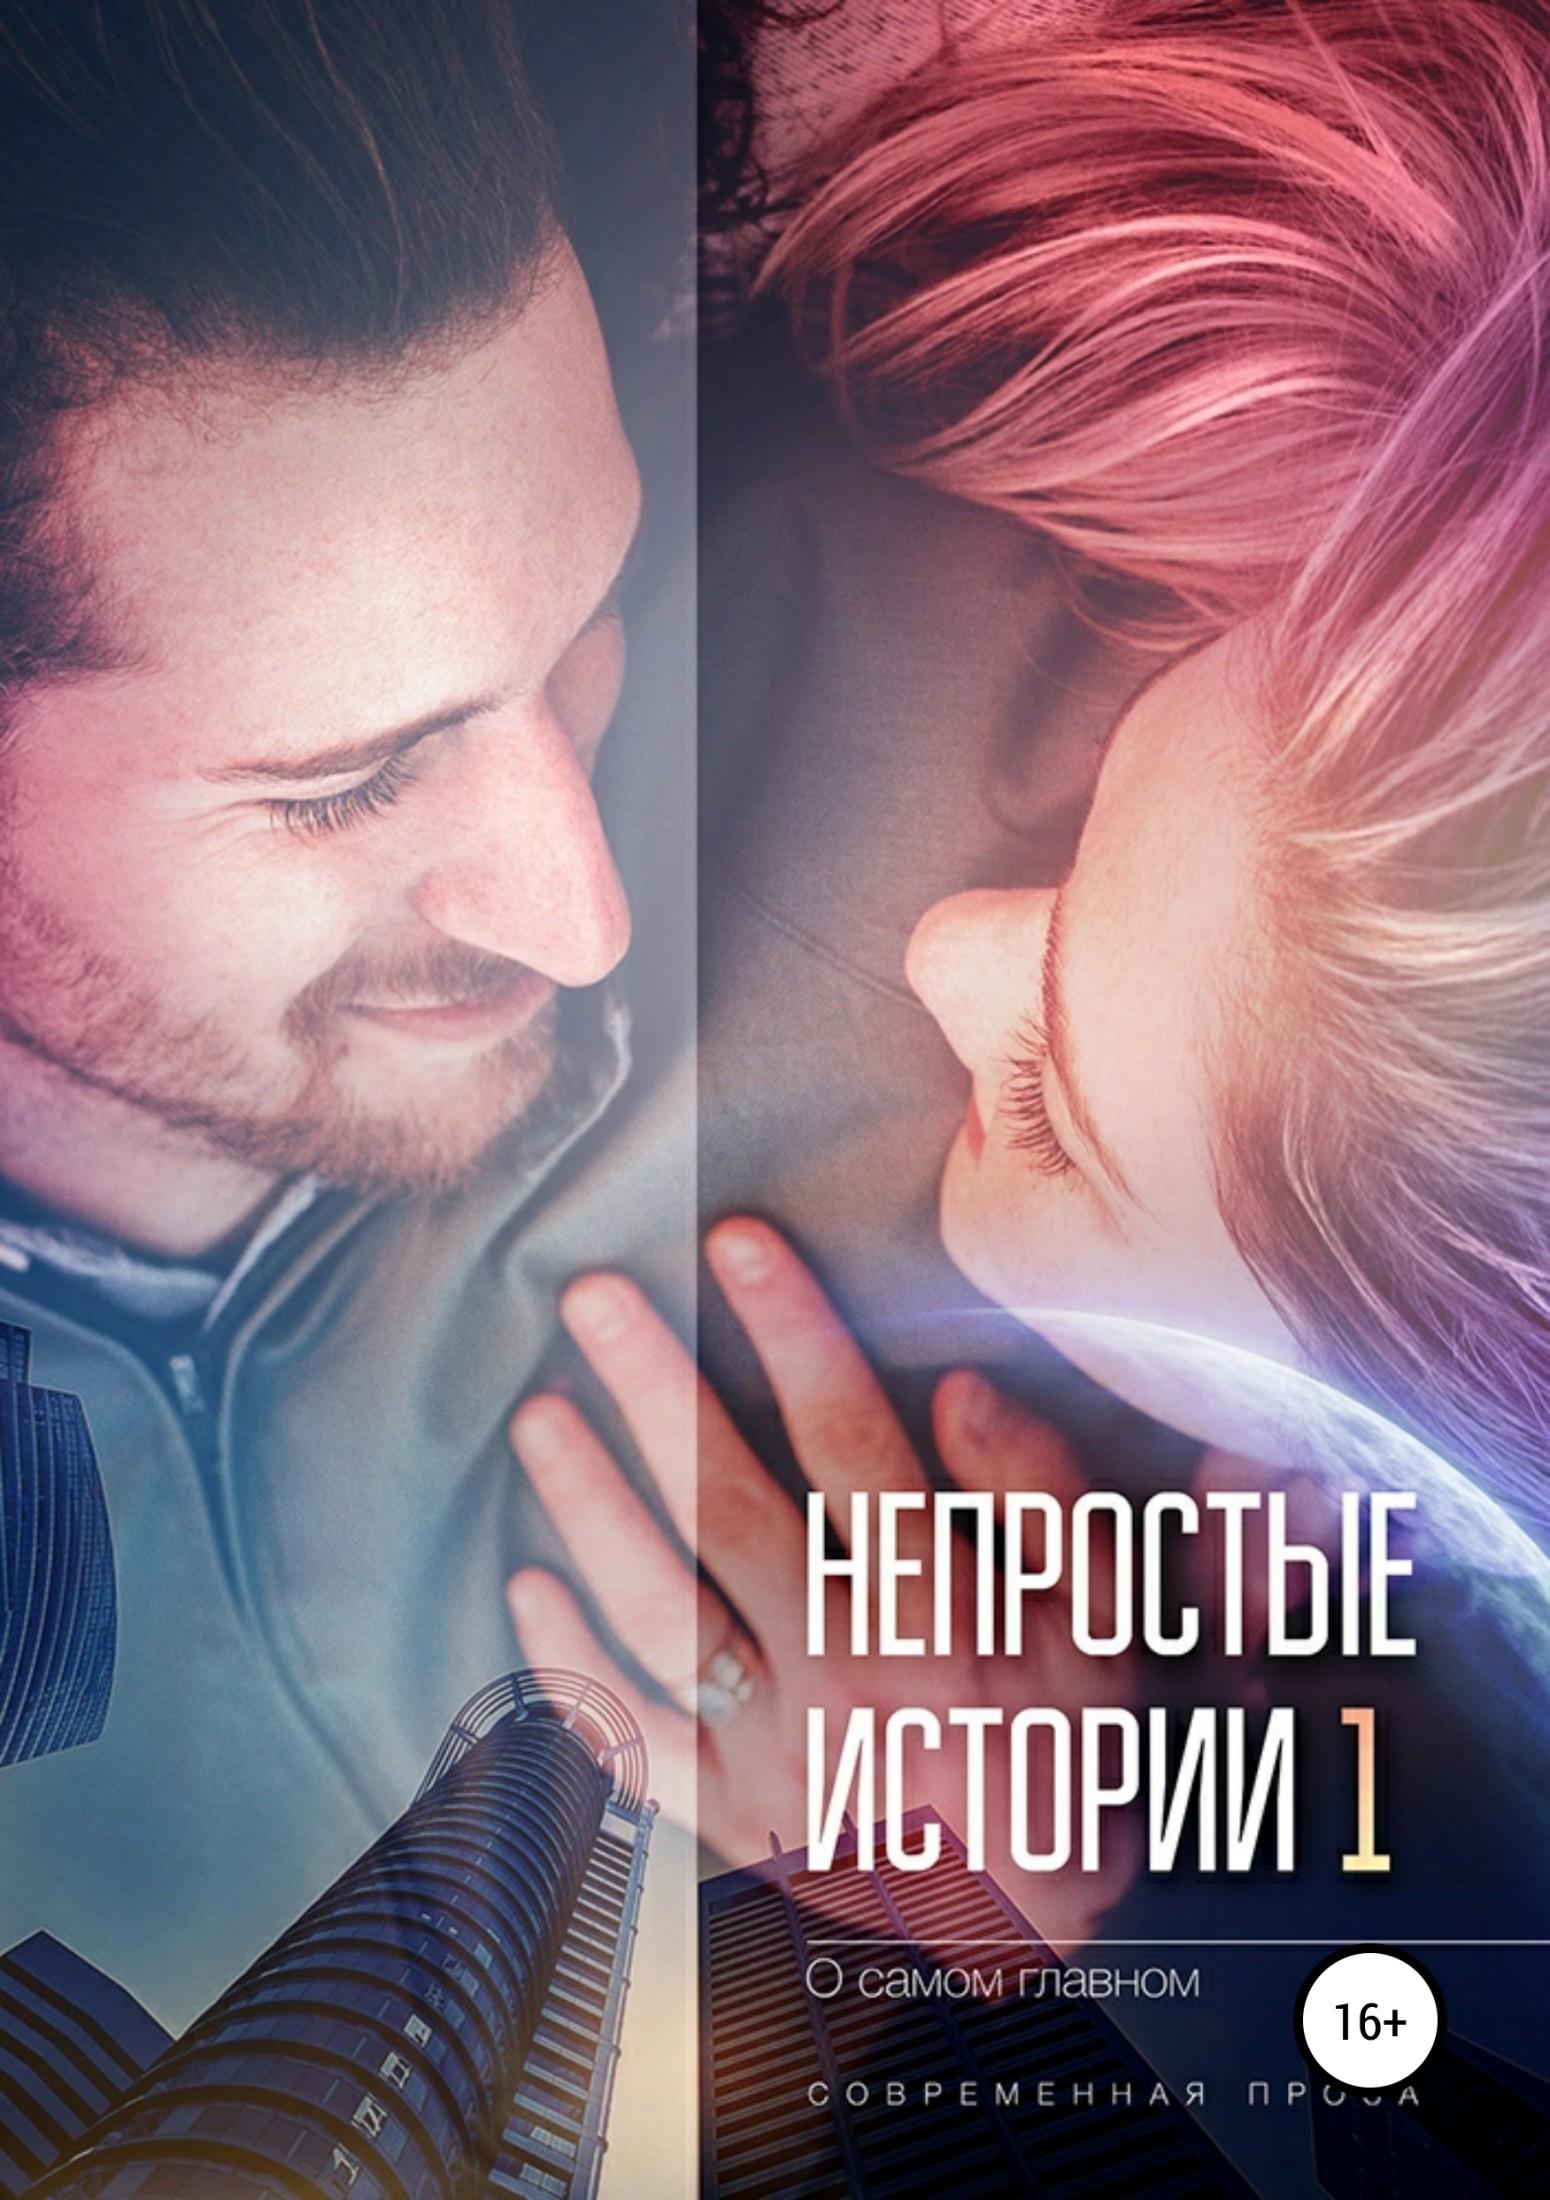 Евгения Халь Непростые истории о самом главном, сборник рассказов. Современная проза